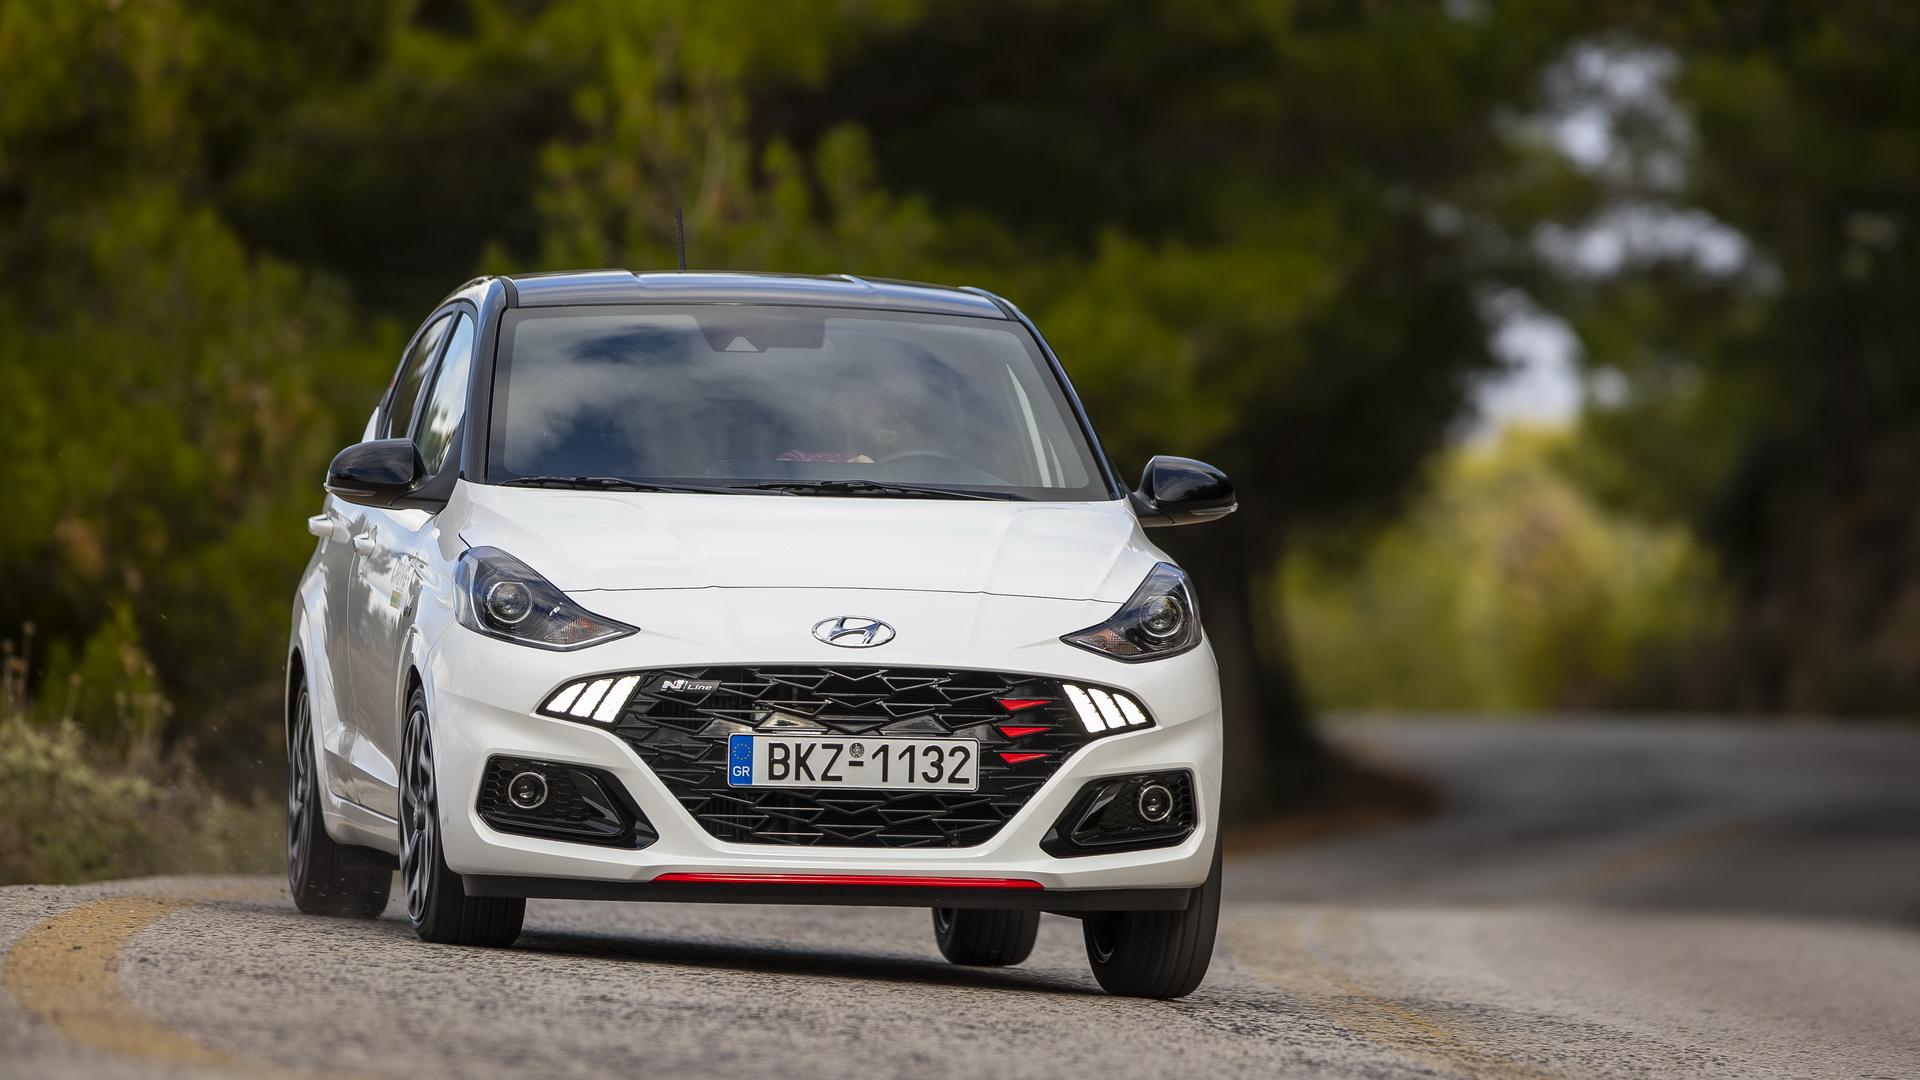 Δοκιμάζουμε το γρήγορο Hyundai i10 των 100 PS [pics]